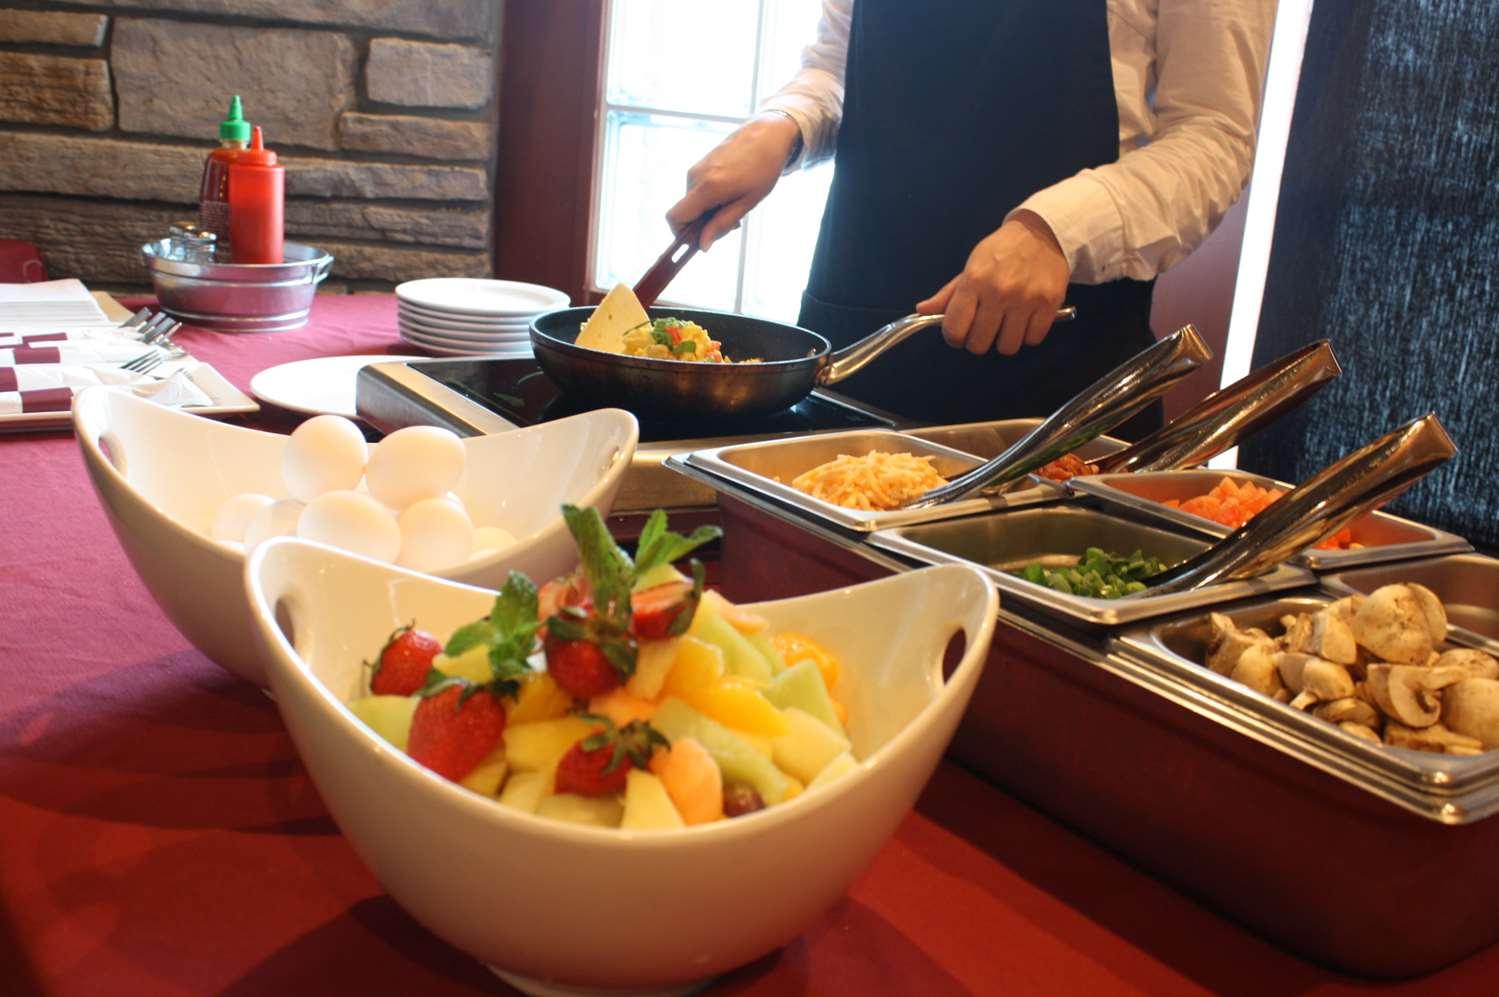 Restaurant - Podollan Rez-idence Fort McMurray